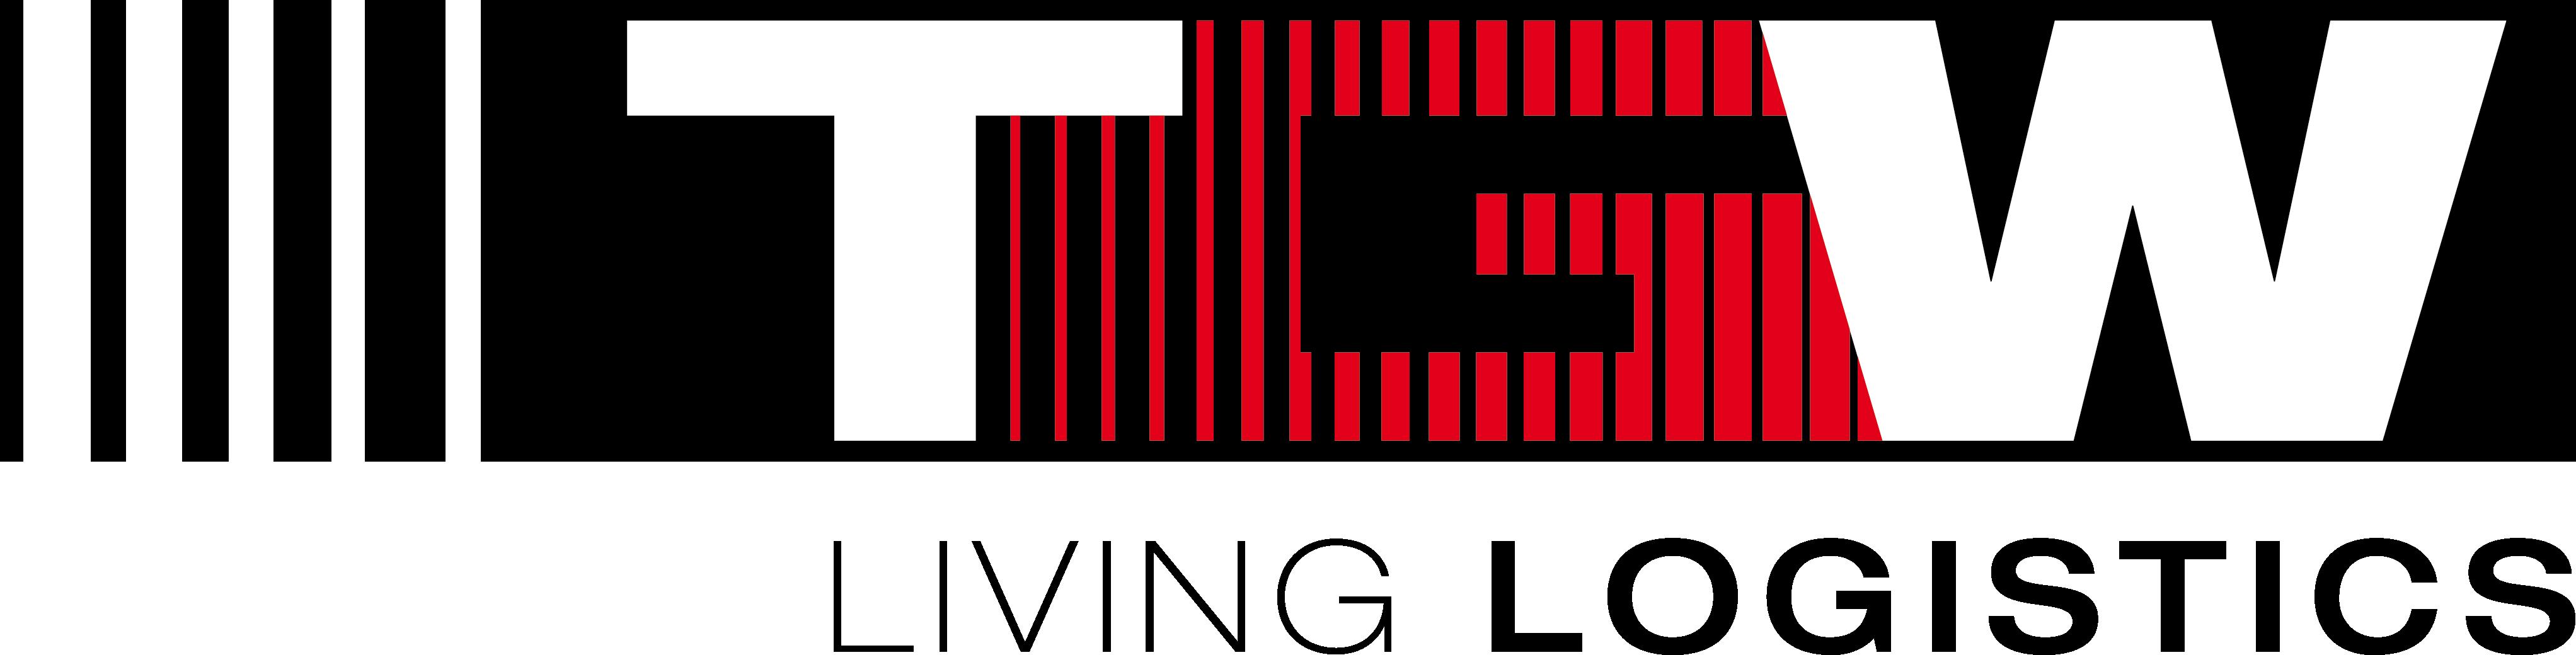 tgw-logo-ohne-hintergrund